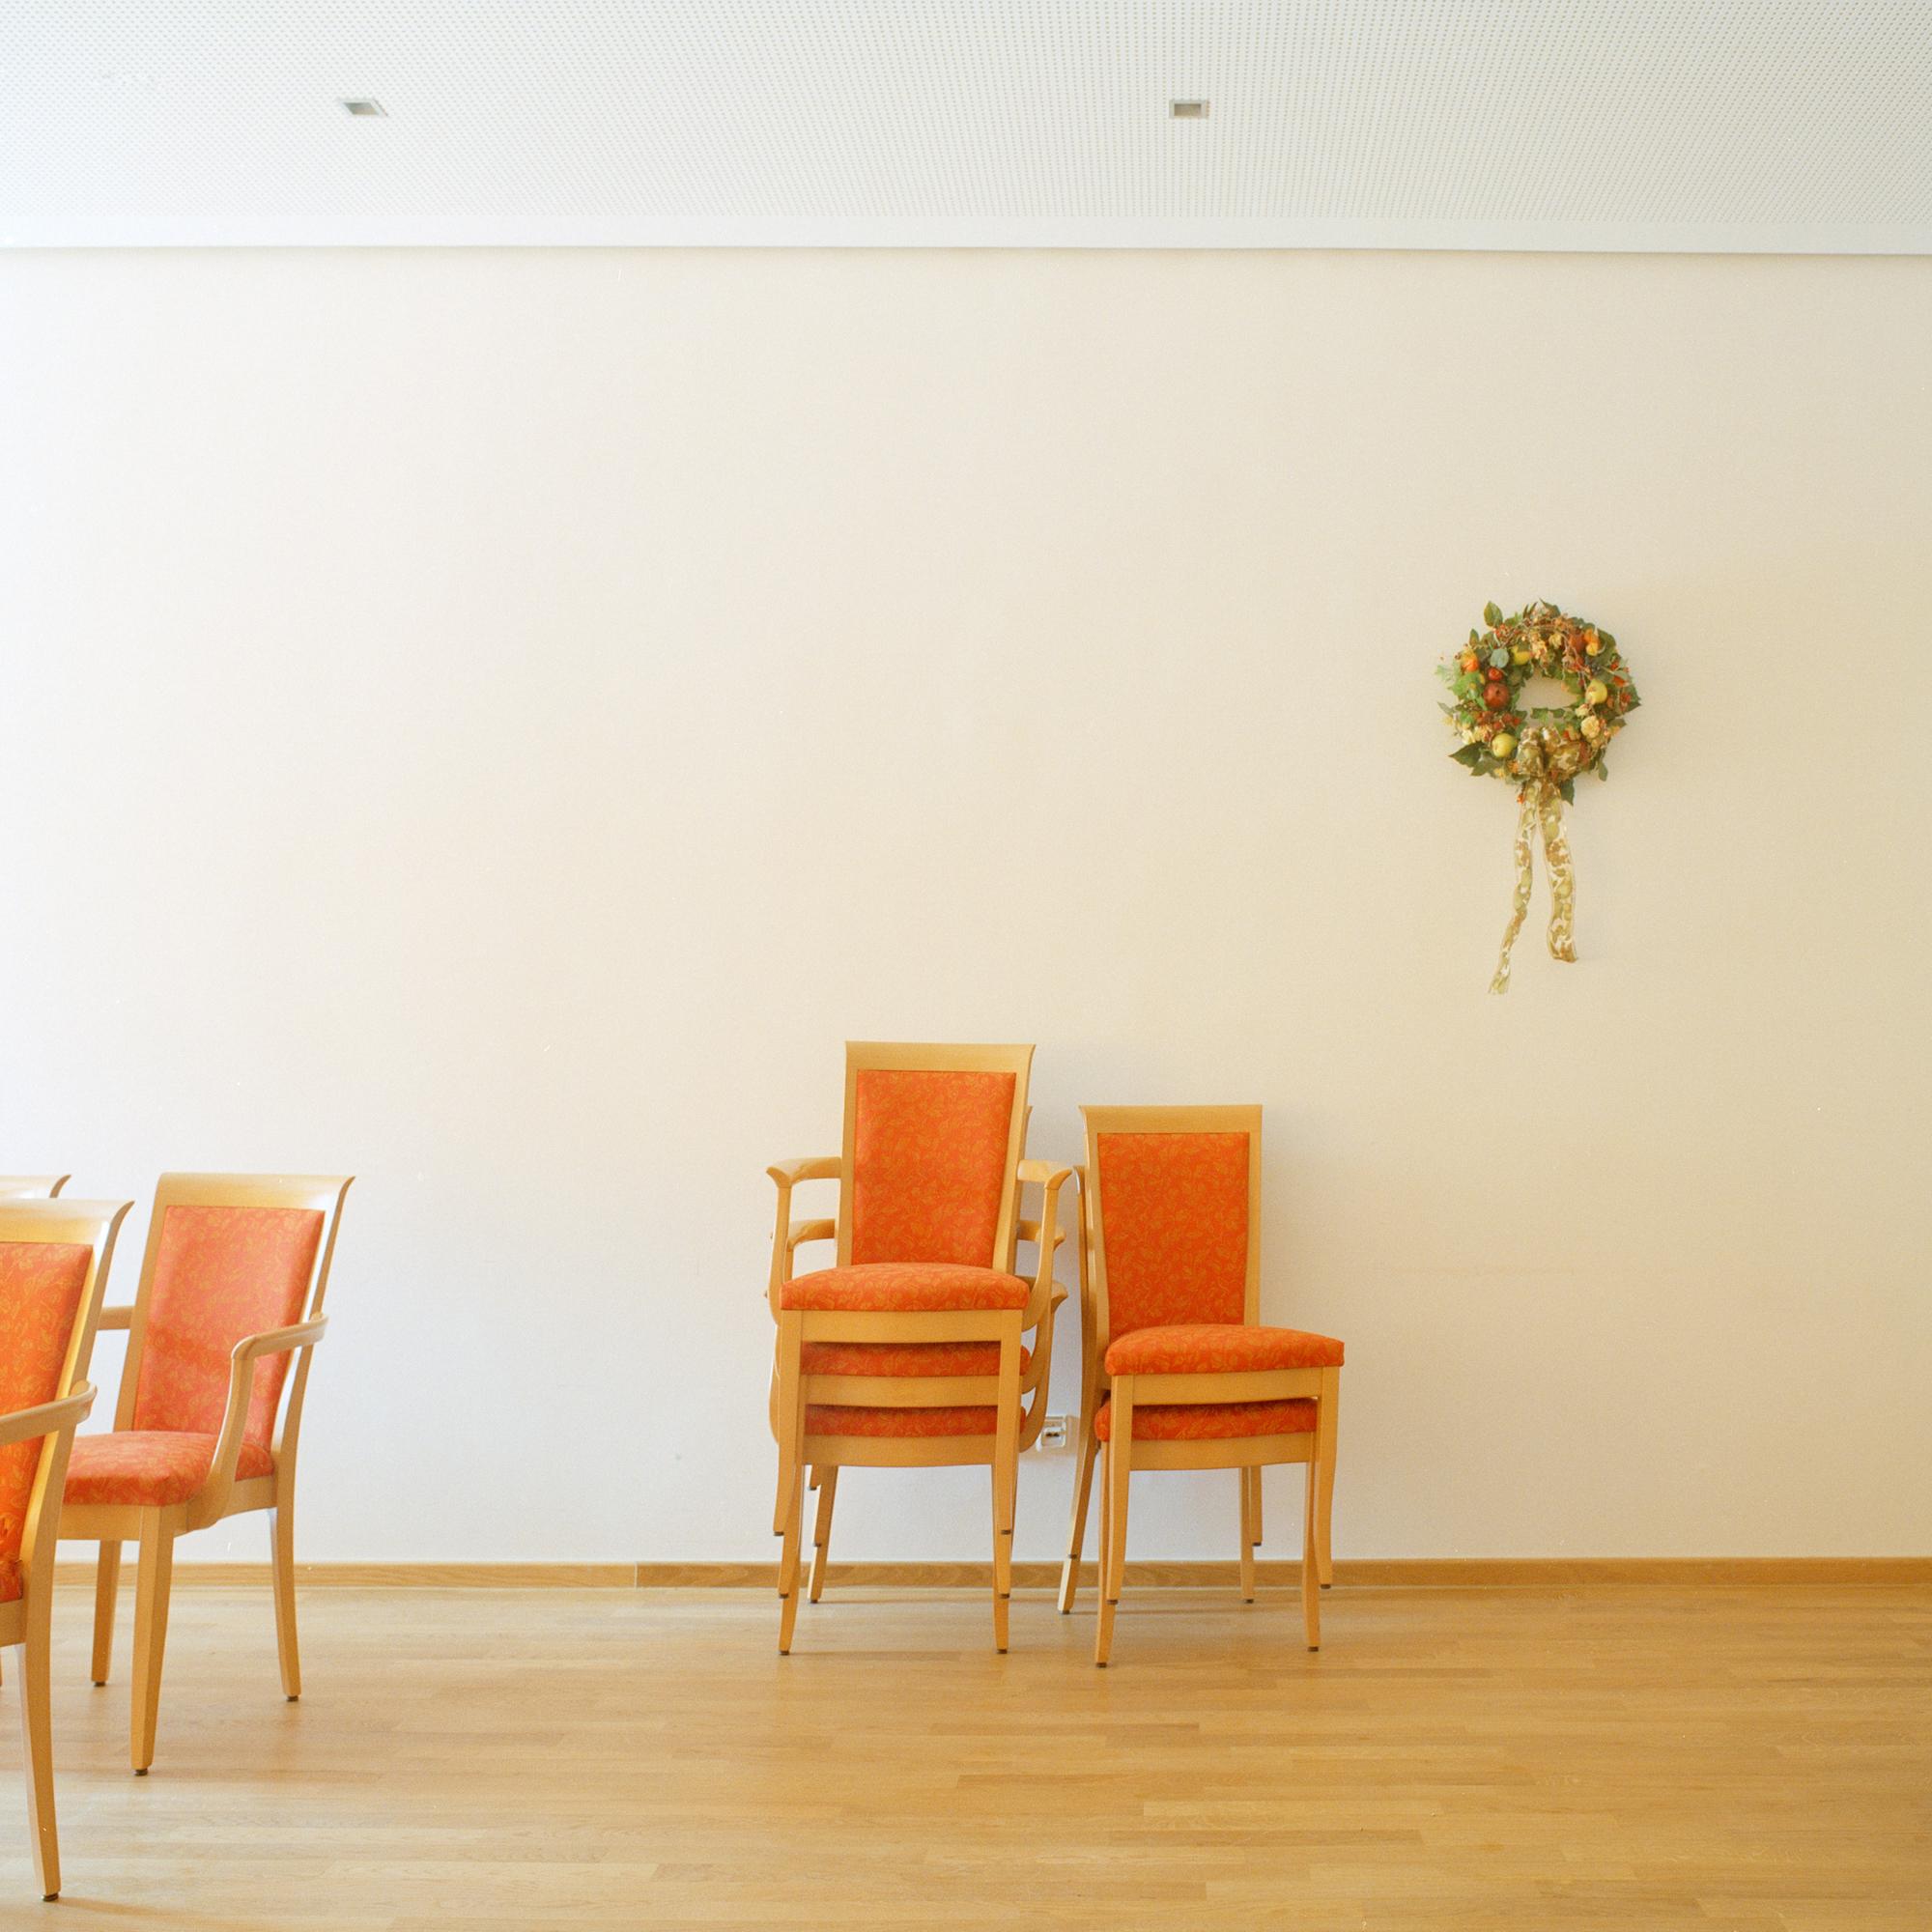 Georg Brauchle Haus, Muenchen. Kleiner Saal im Georg Brauchle Haus in der Staudingerstrasse 58 in Munchen am 18. Januar 2011. Der kleine Saal ist ein Teilbereich des grossen Saals, der durch eine Trennwand bei Bedarf von dem Rest des Saales getrennt werden. Fotograf: Evi Lemberger